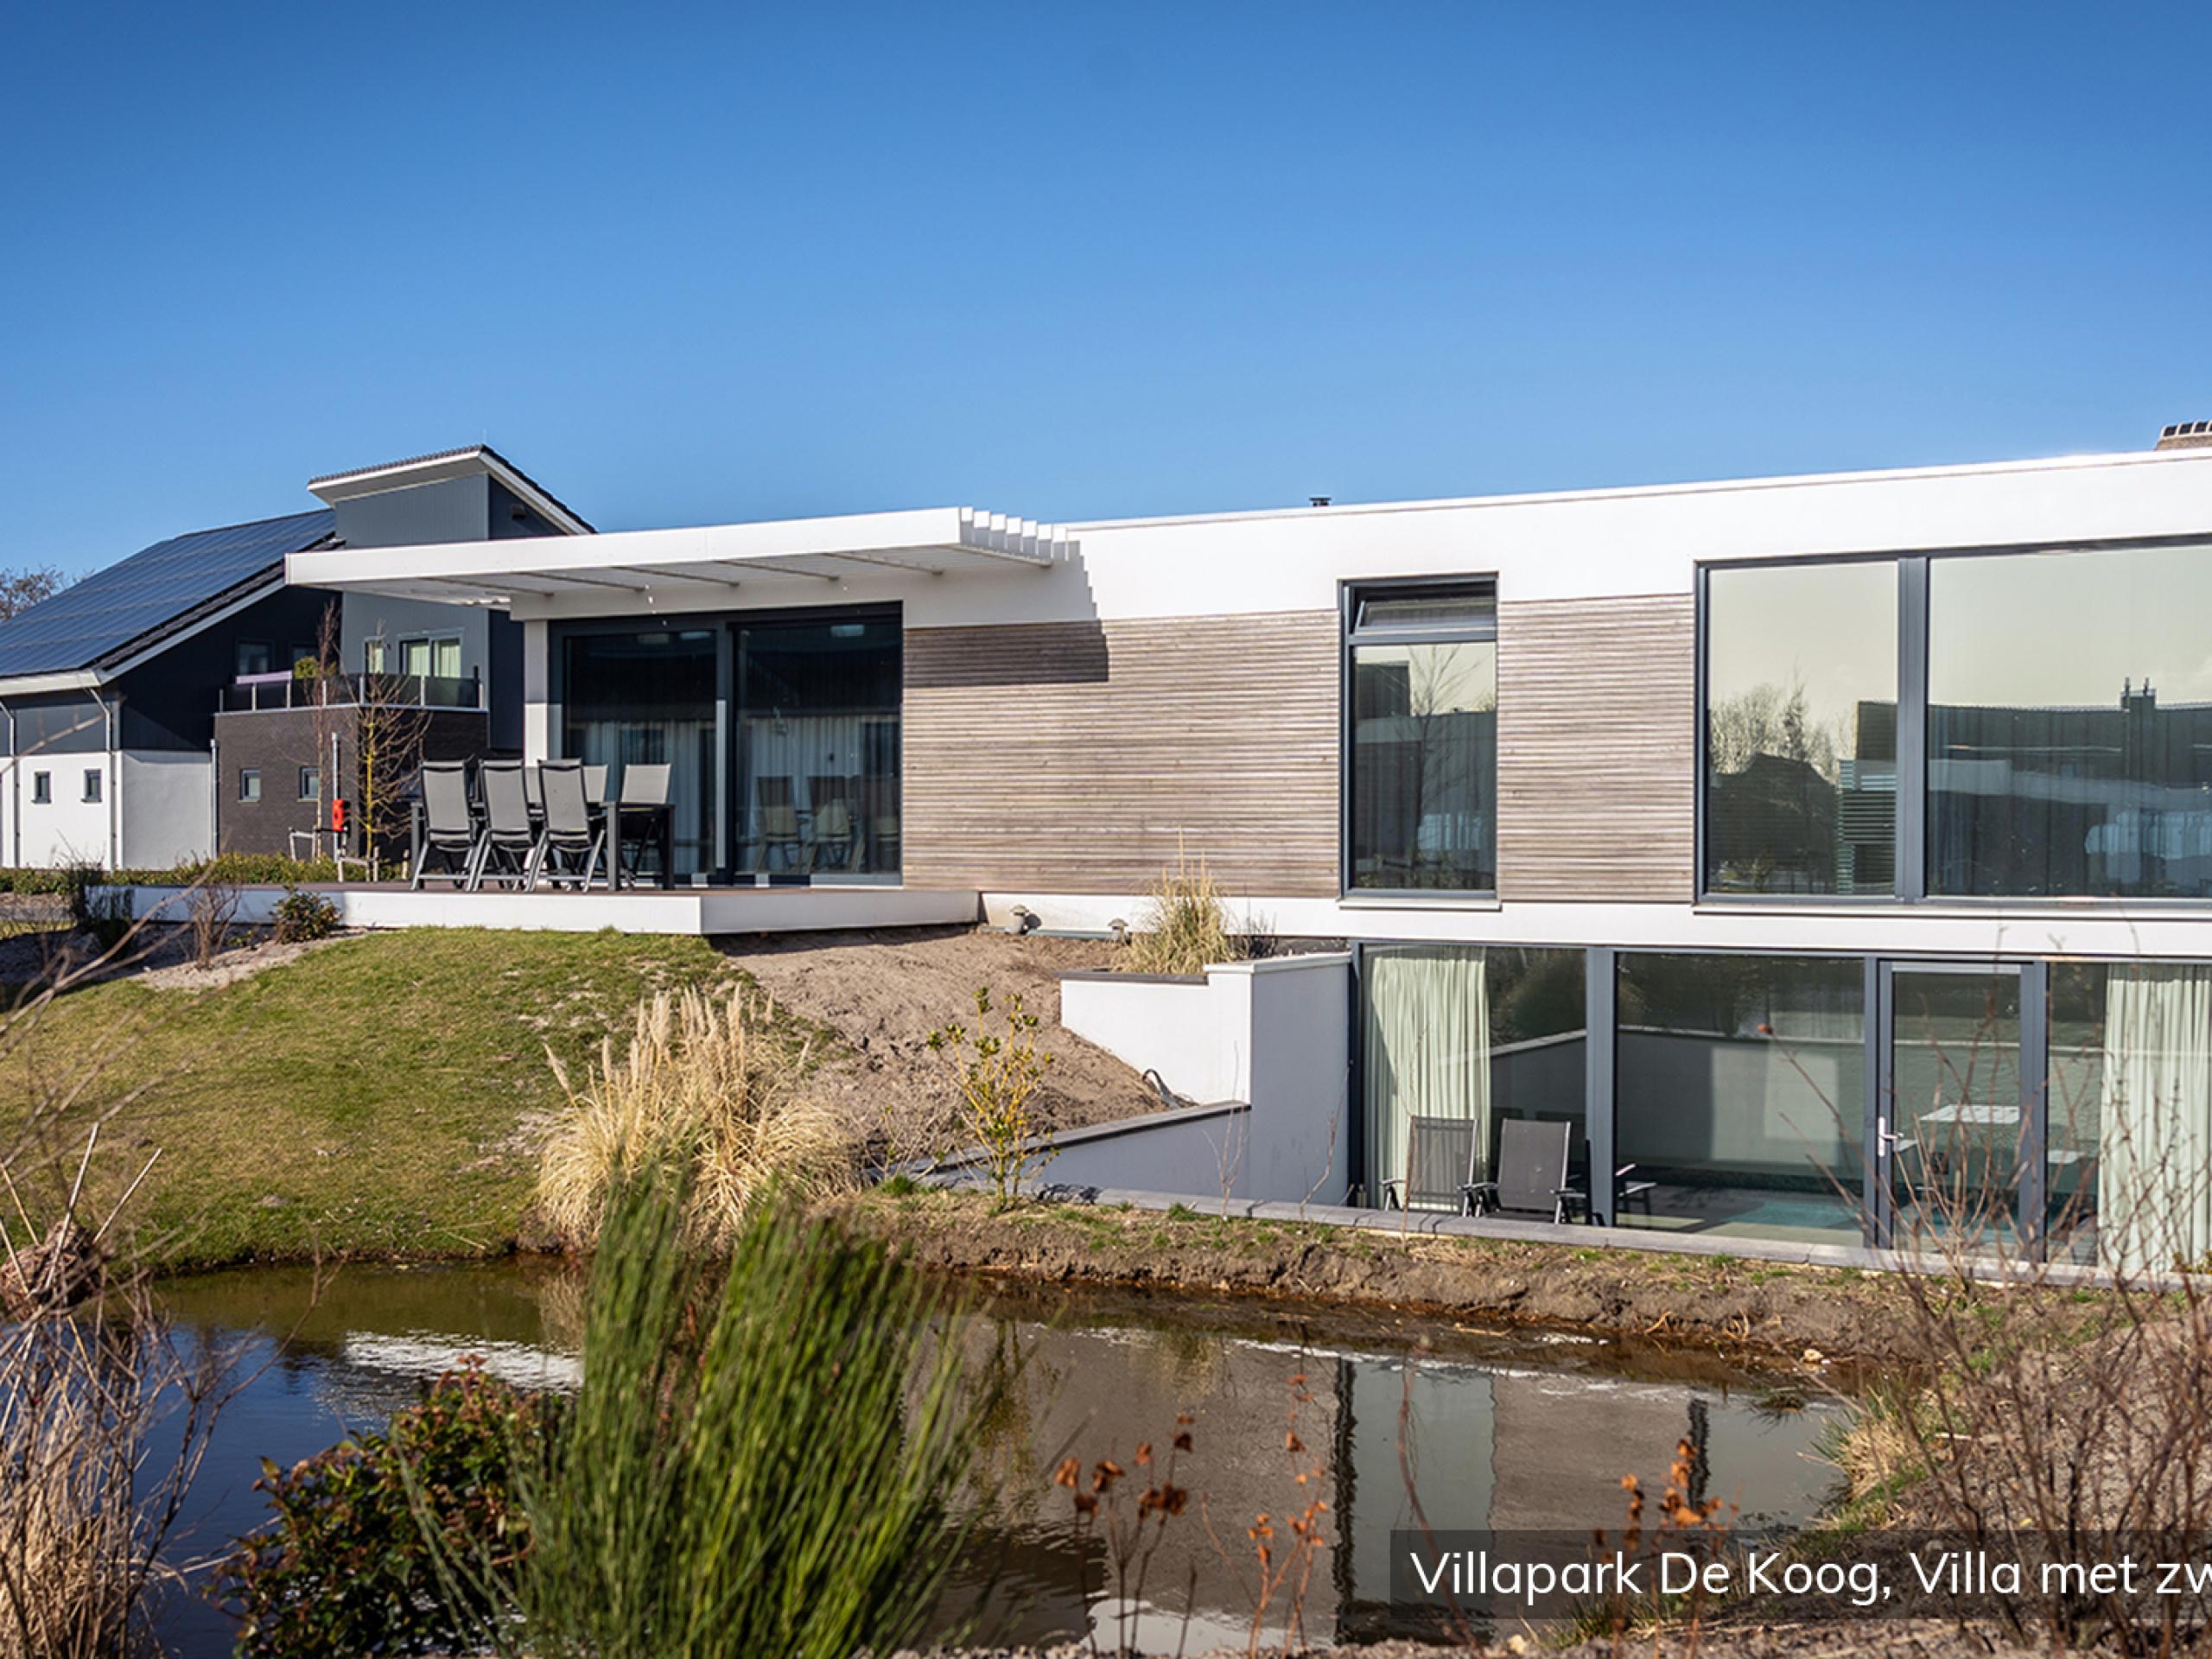 Luxe familievilla voor 6 personen met privé binnenzwembad op villapark in De Koog